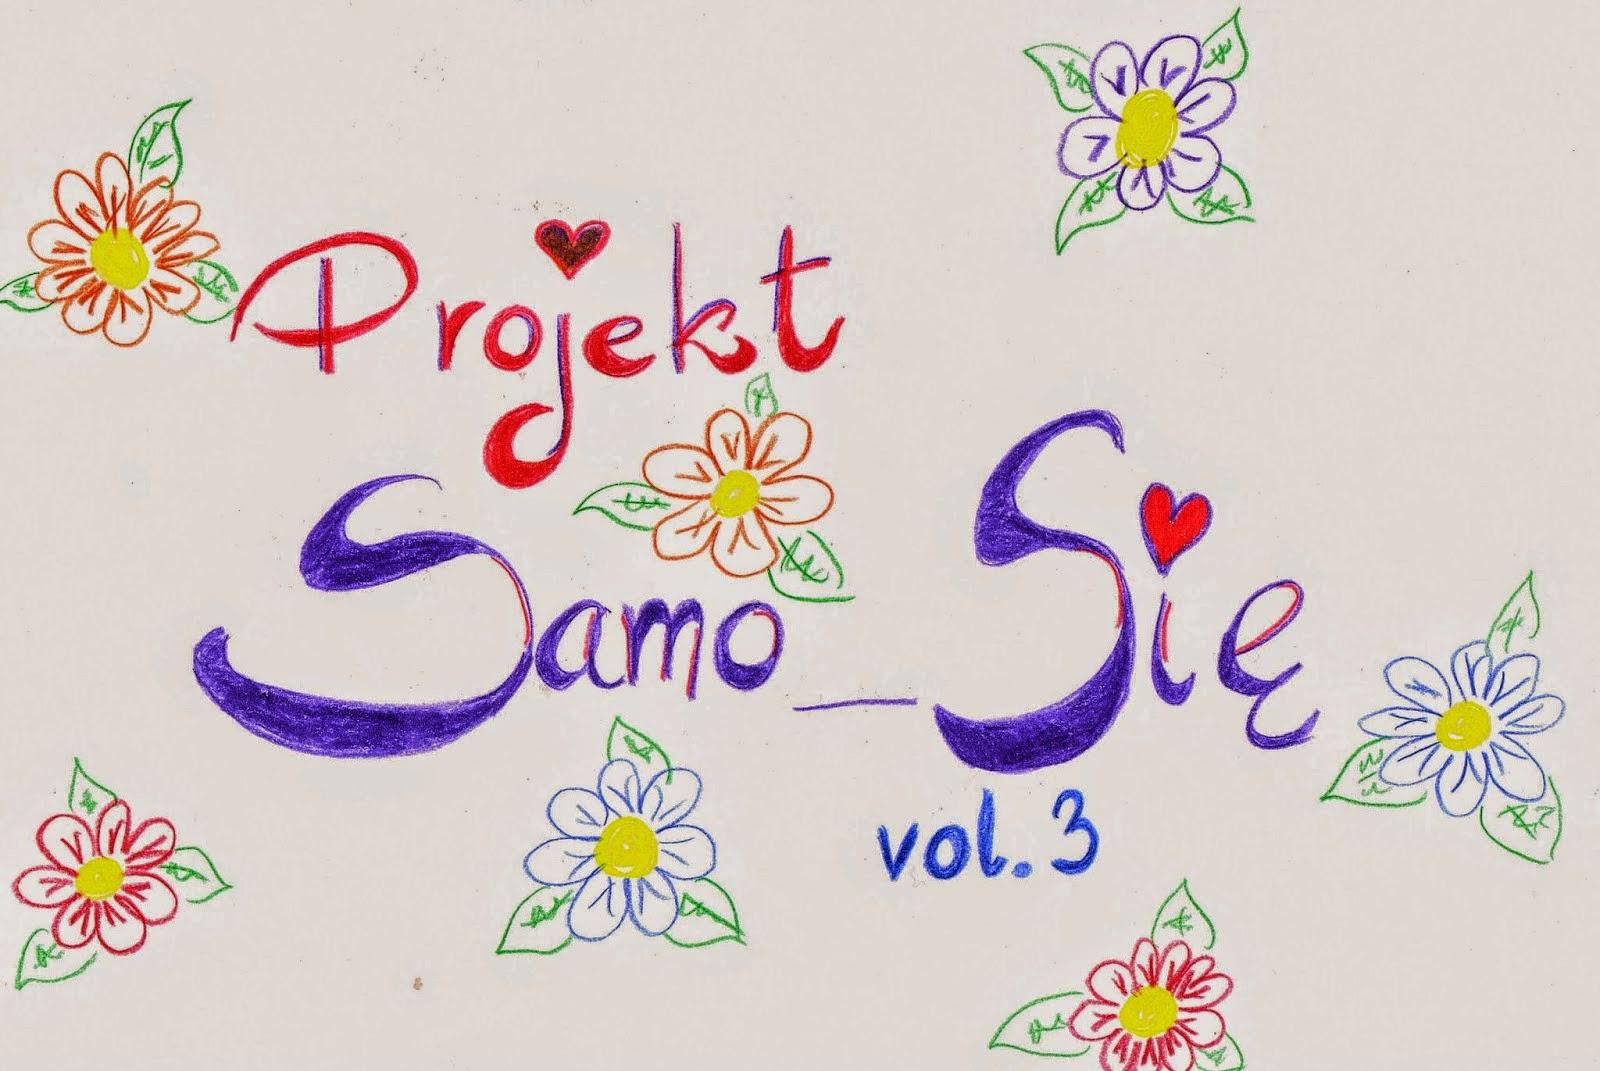 http://projekt-samo-sie.blogspot.com/